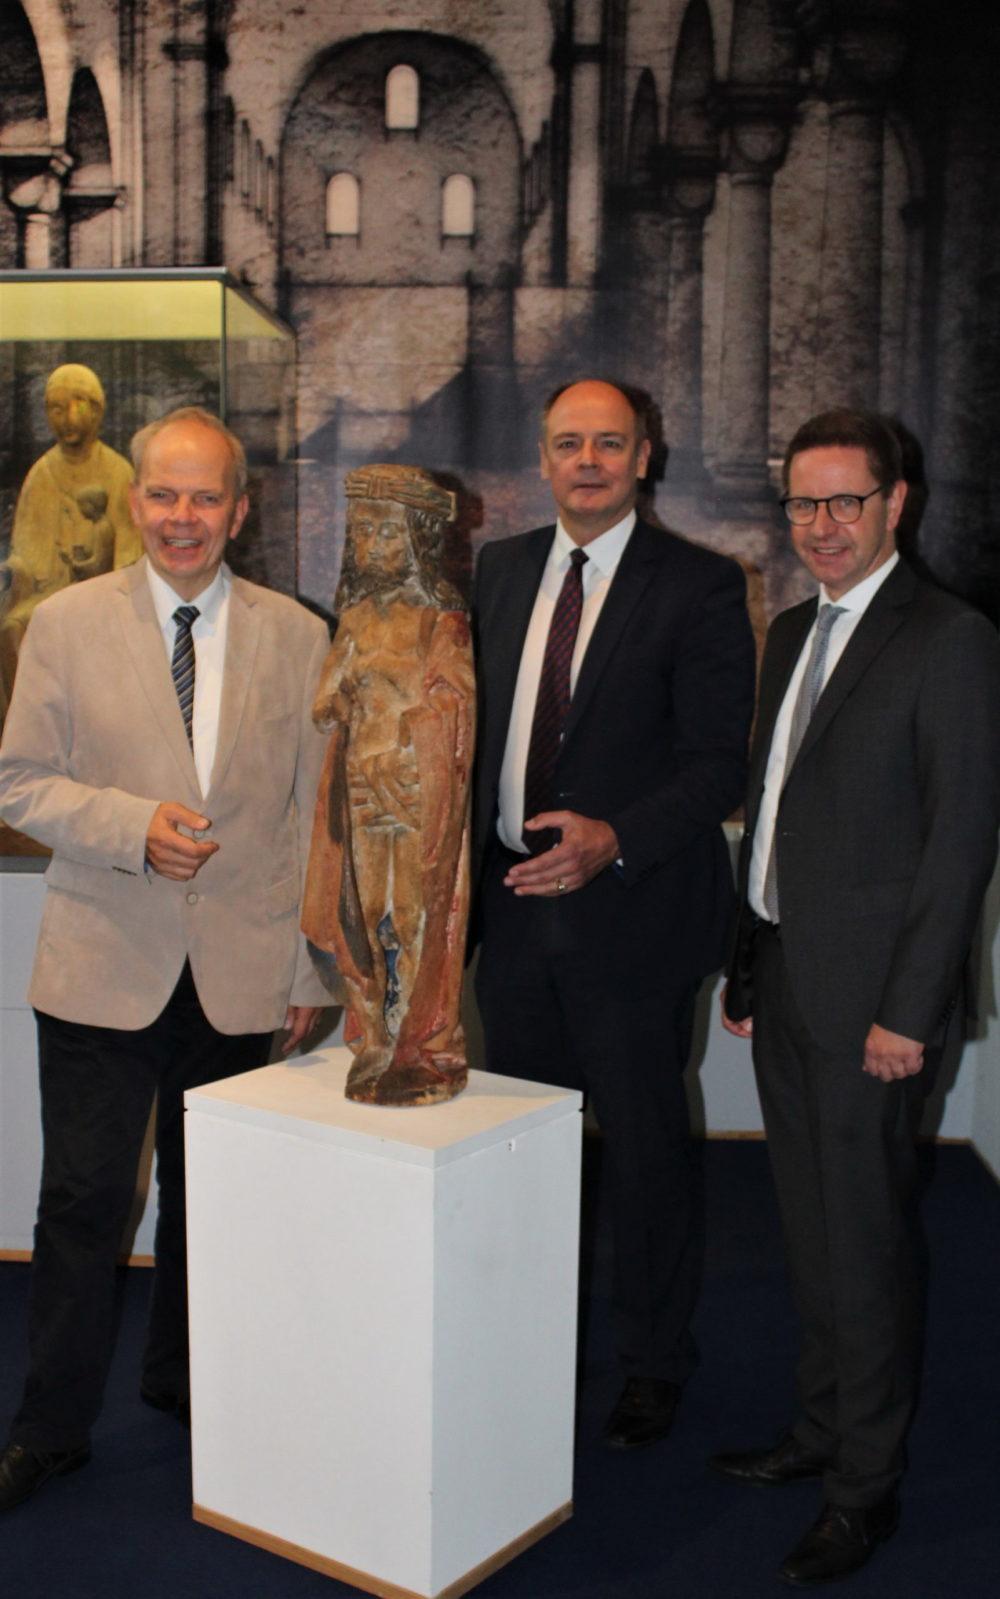 Museumsleiter Prof. Dr. Christoph Stiegmann, Stiftungsvorstand Frank d'Alquen und SalzkottensBürgermeister Ulrich Berger vom Stiftungsbeirat